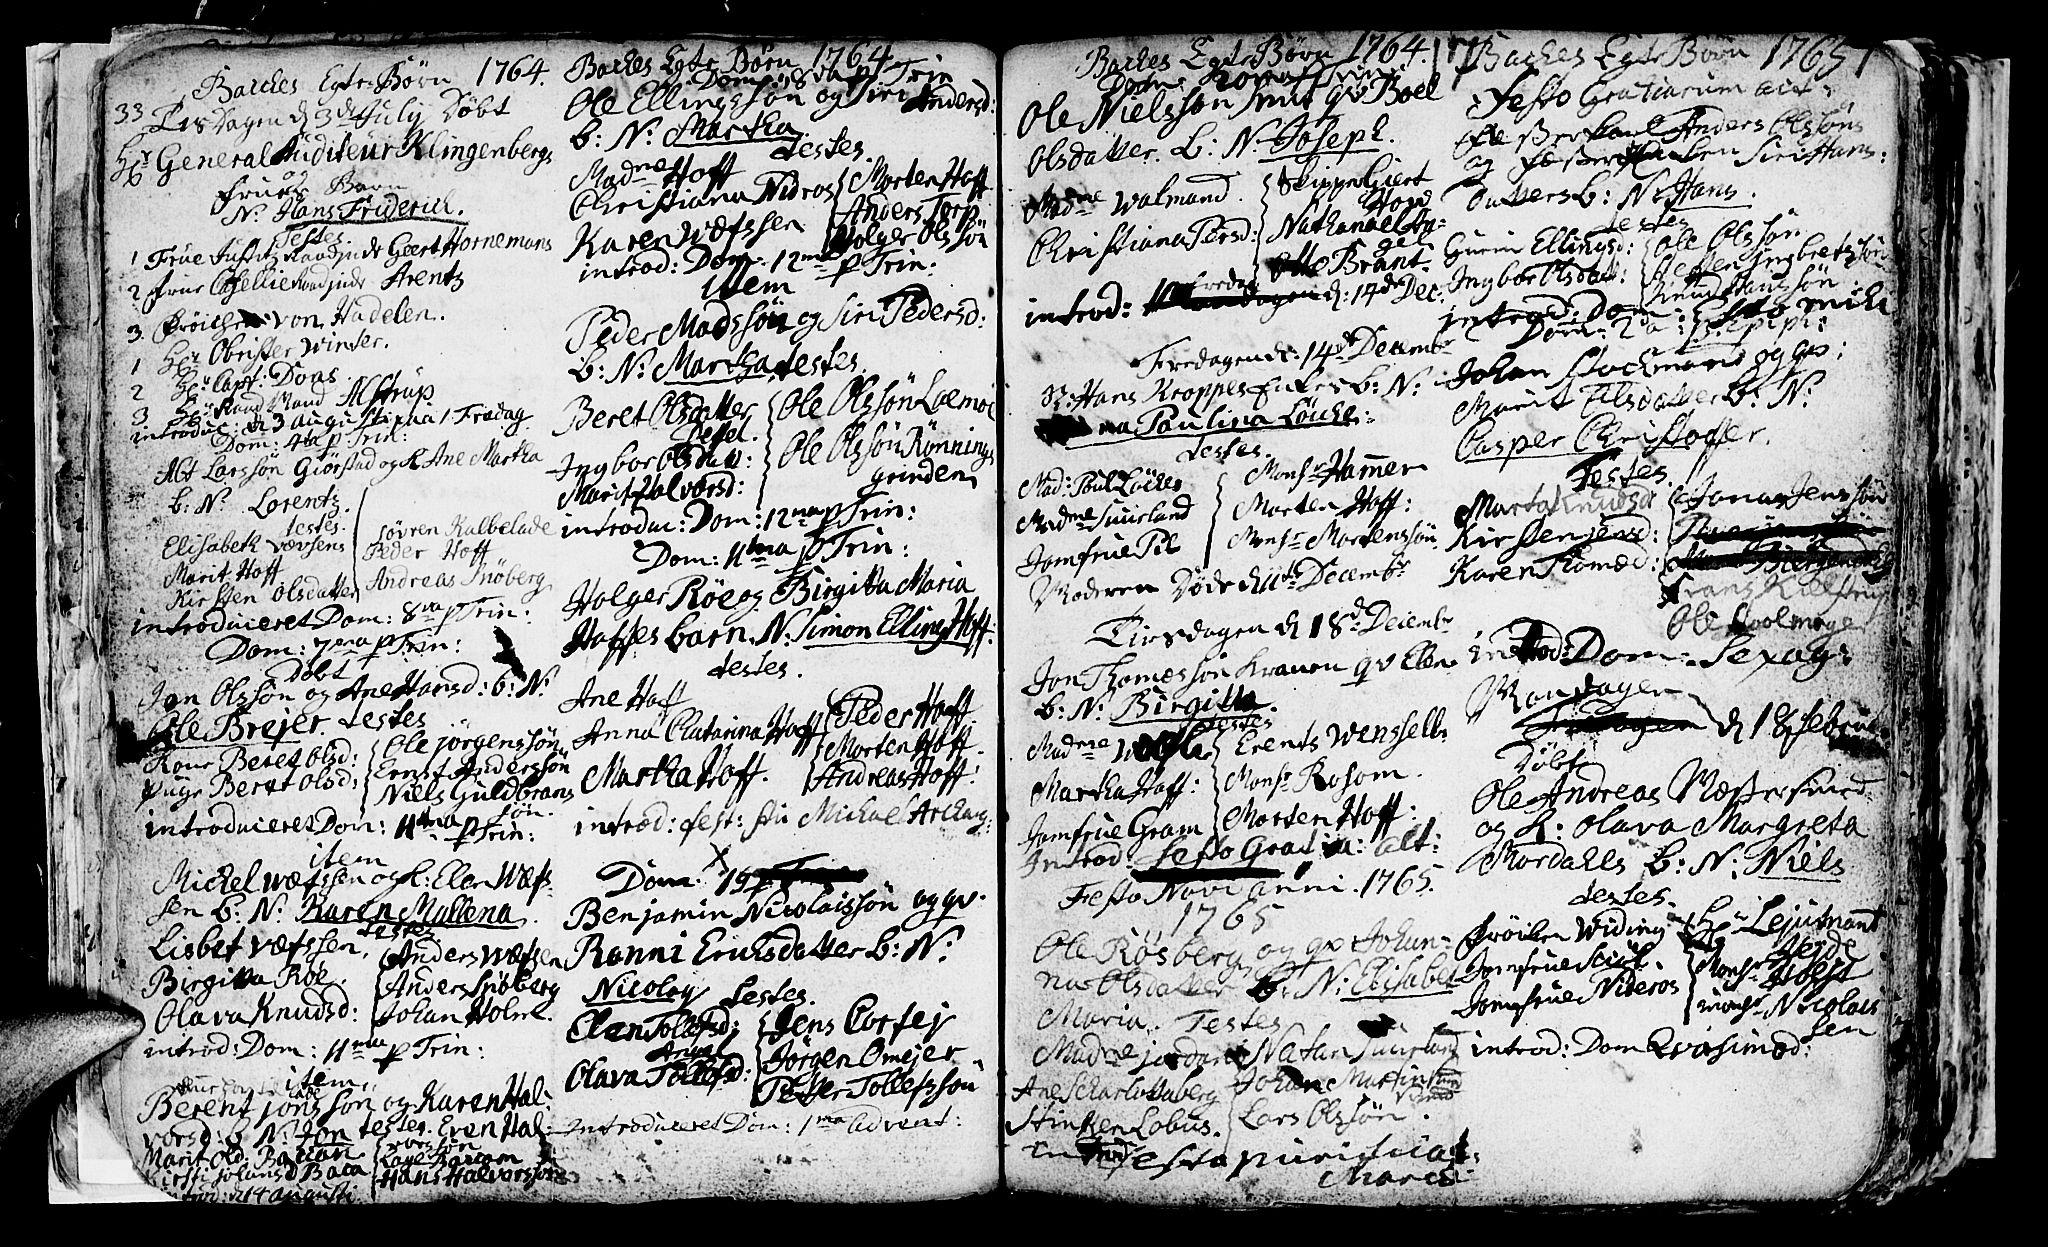 SAT, Ministerialprotokoller, klokkerbøker og fødselsregistre - Sør-Trøndelag, 604/L0218: Klokkerbok nr. 604C01, 1754-1819, s. 17